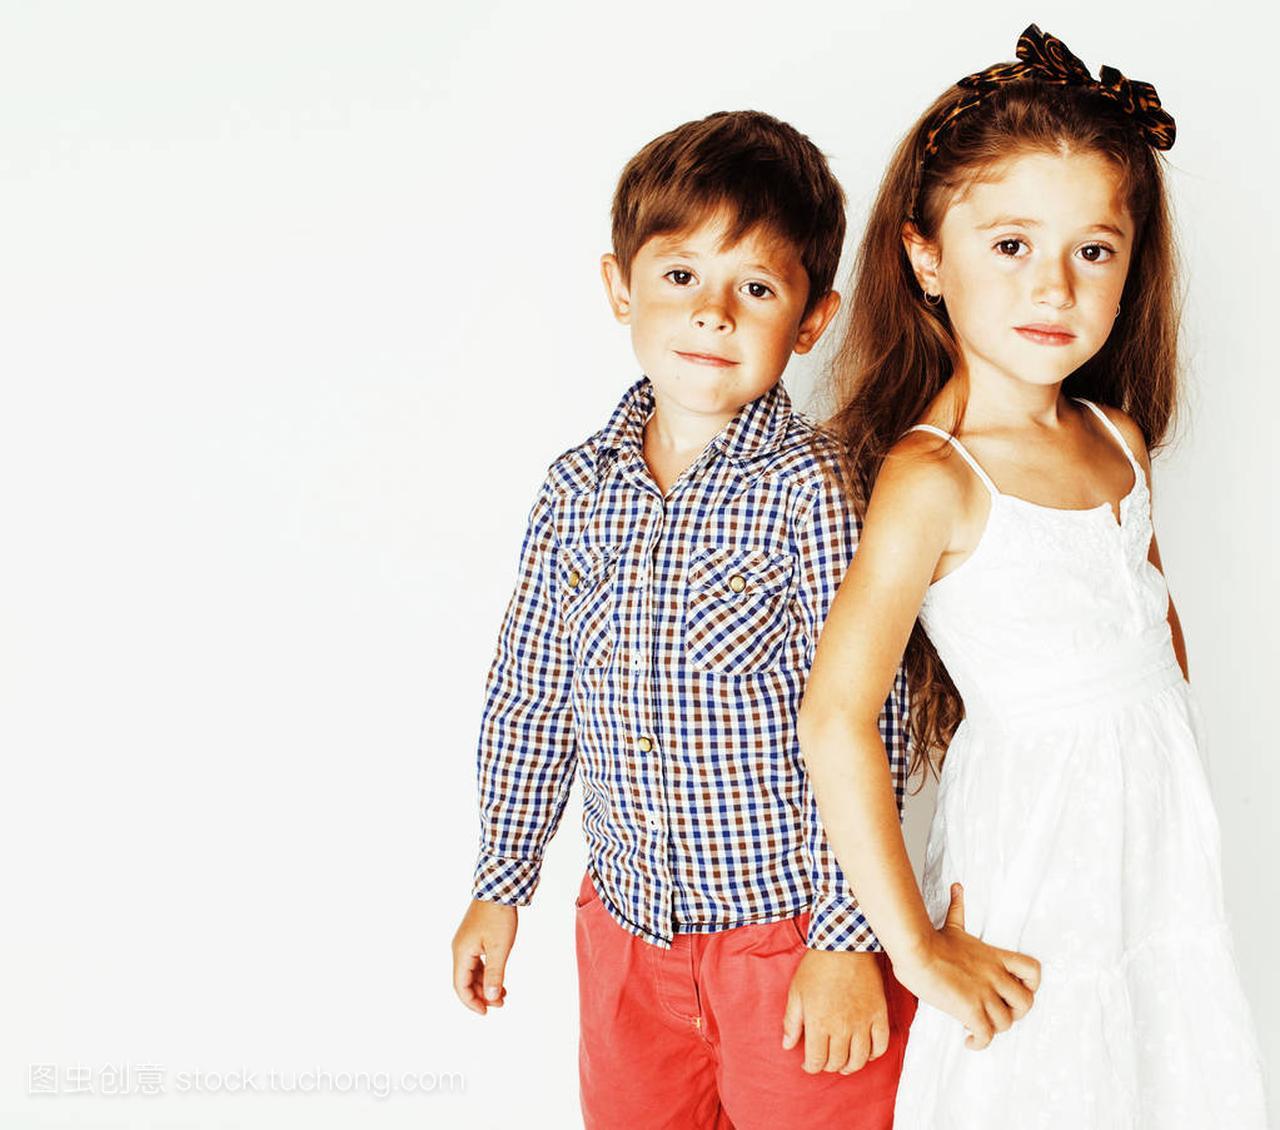 男生叫衣服小可爱真的是说图片有小又可爱女生女生女生v男生图片